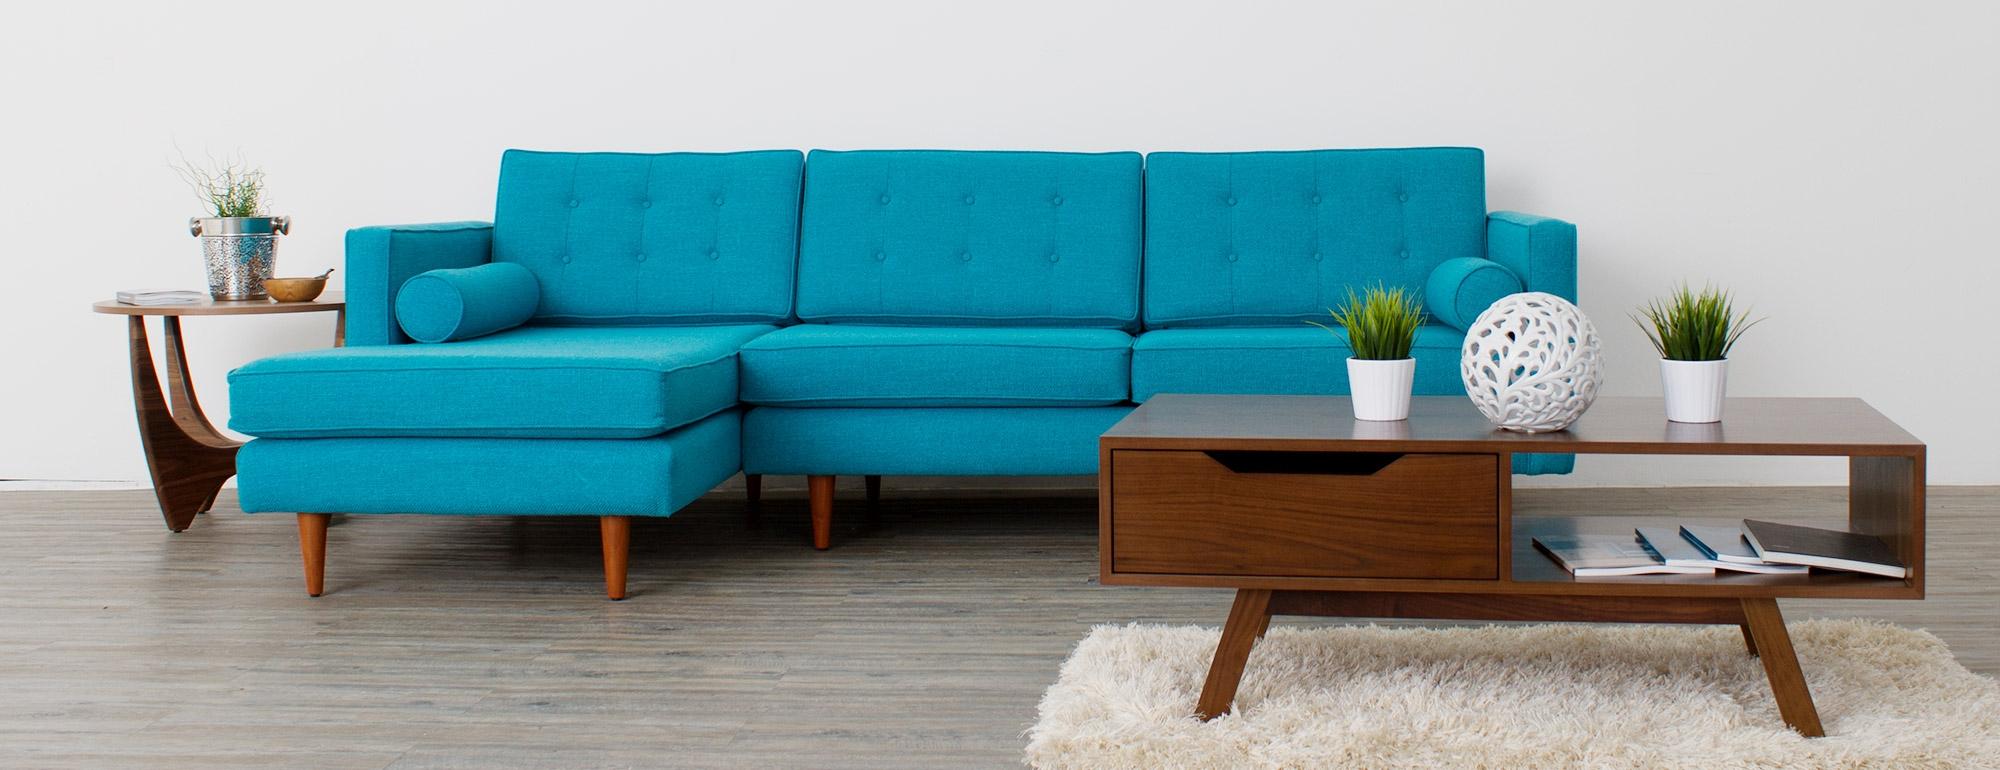 9 braxton modern modular sectional sofa for Modern modular sectional puzzle sofa